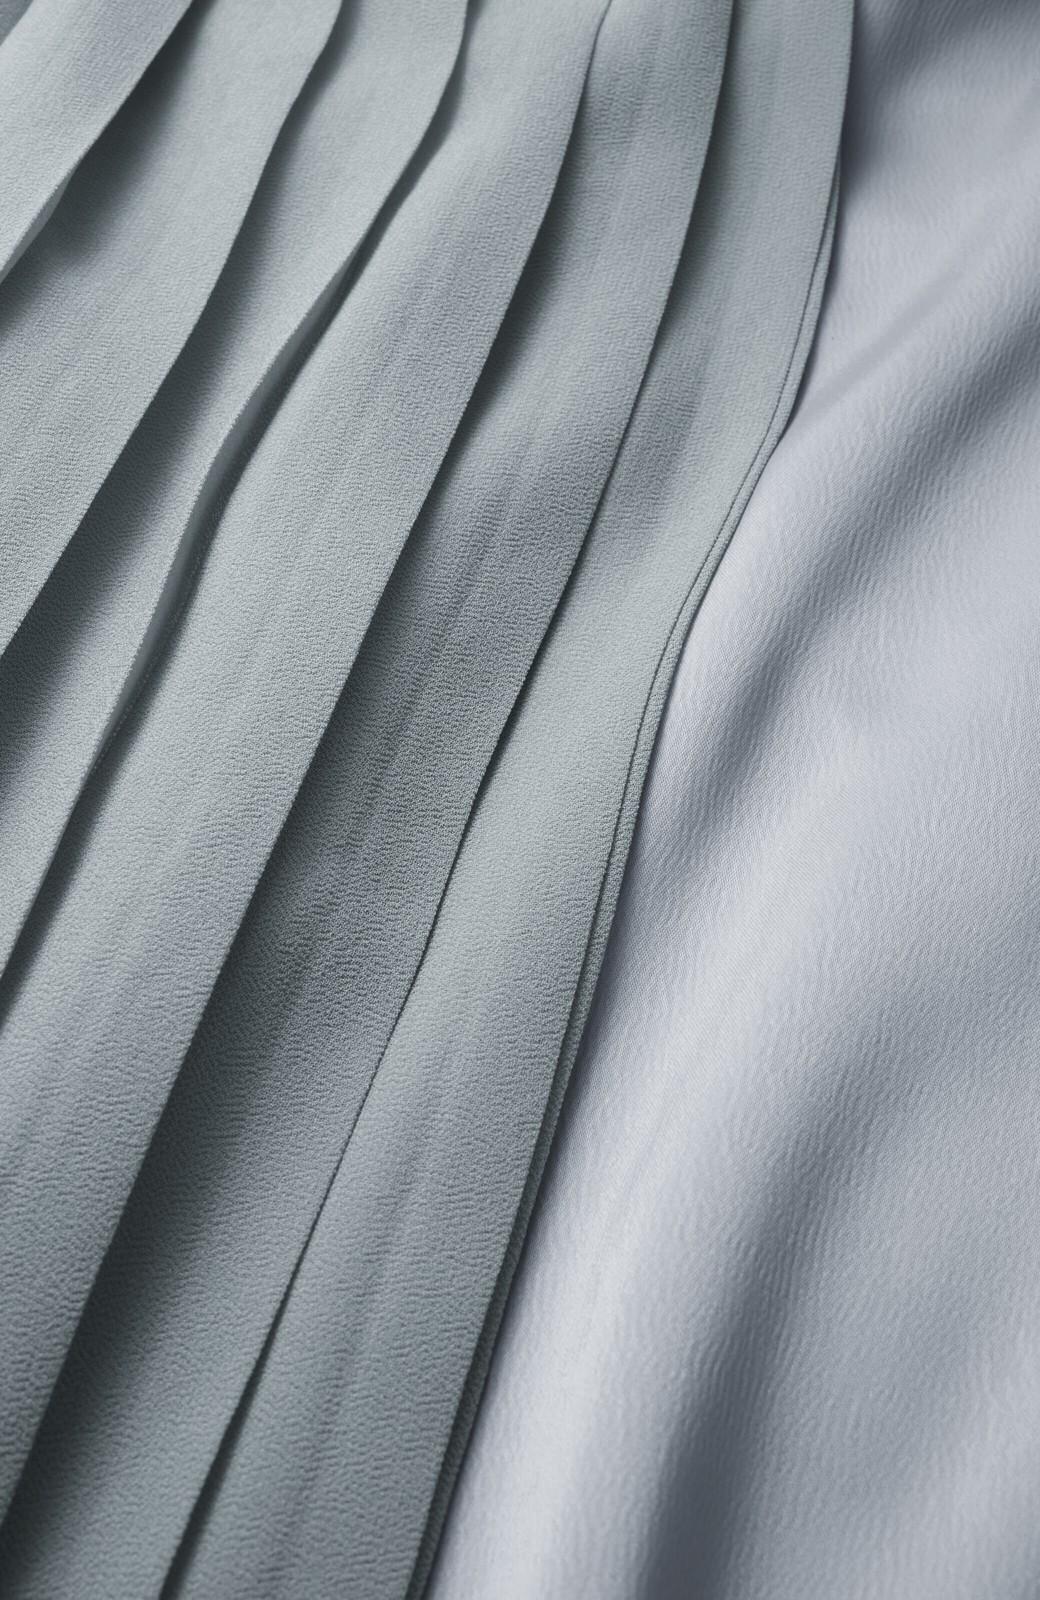 haco! パンツ派さんのデート着 プリーツスカート風にもなる華やかパンツセット <ライトブルーグレー>の商品写真5